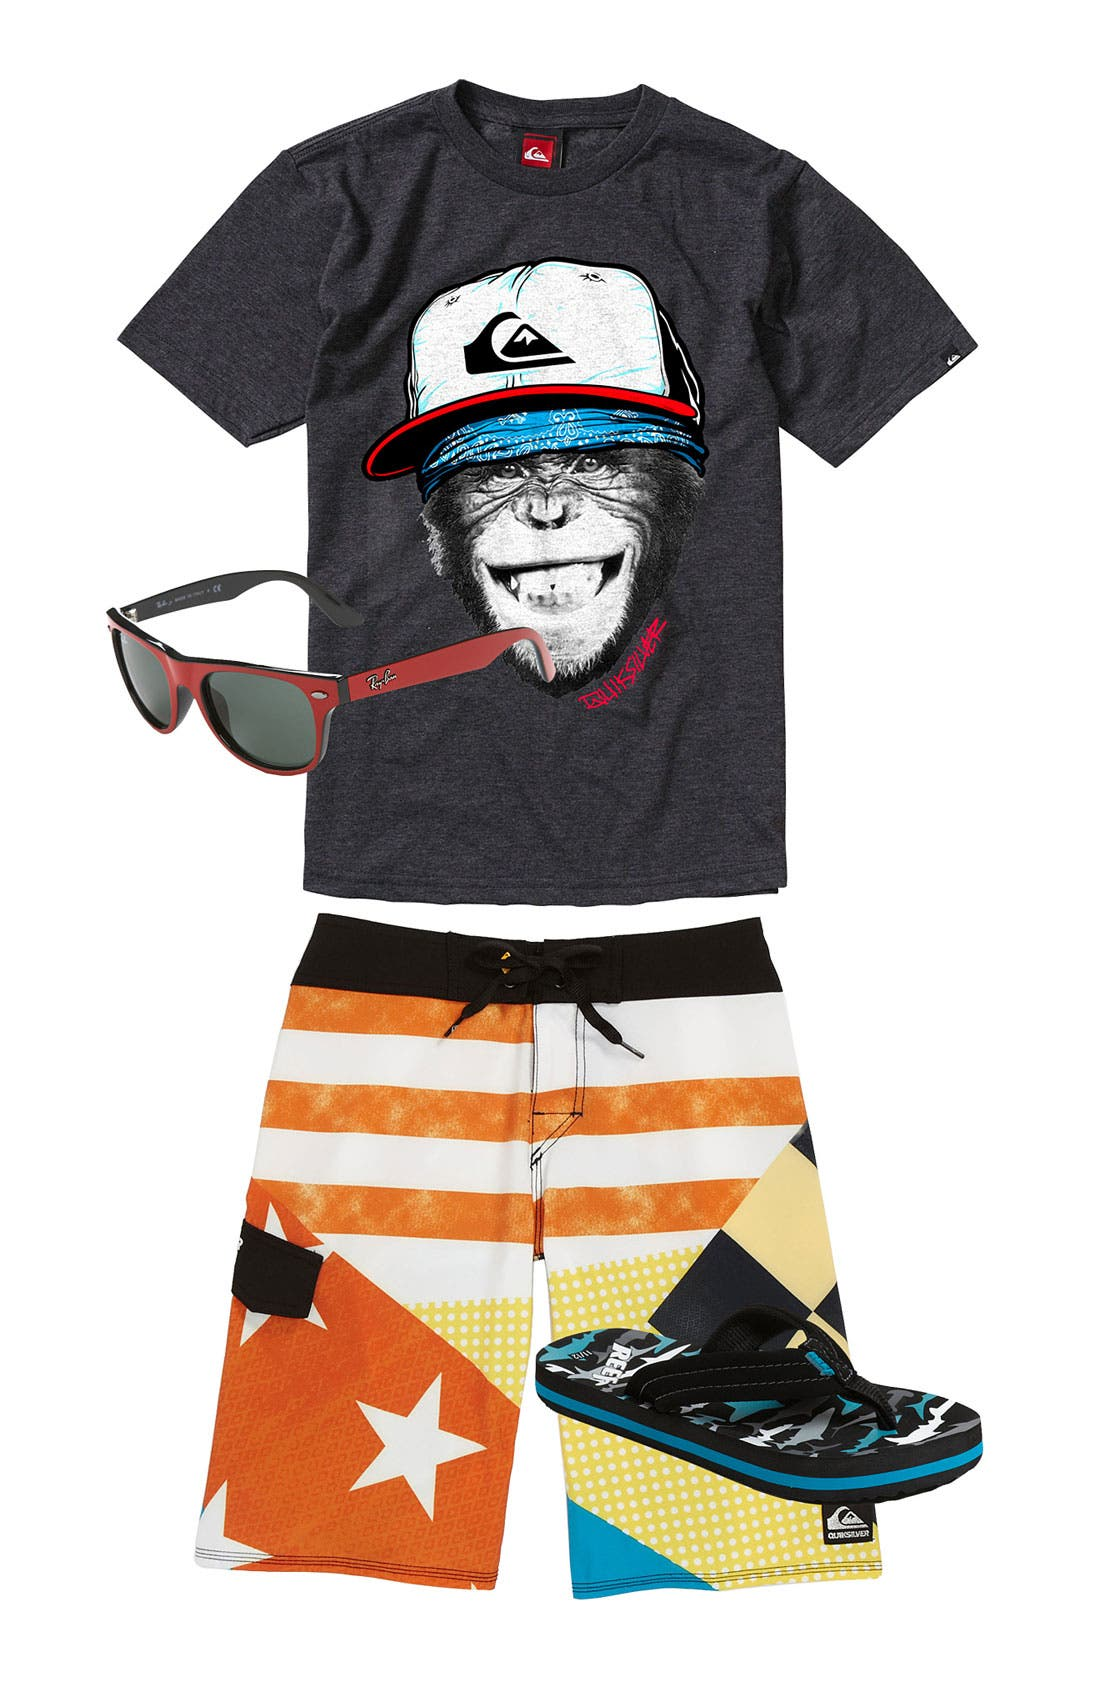 Main Image - Quiksilver T-Shirt & Board Shorts & Ray-Ban Sunglasses (Big Boys)